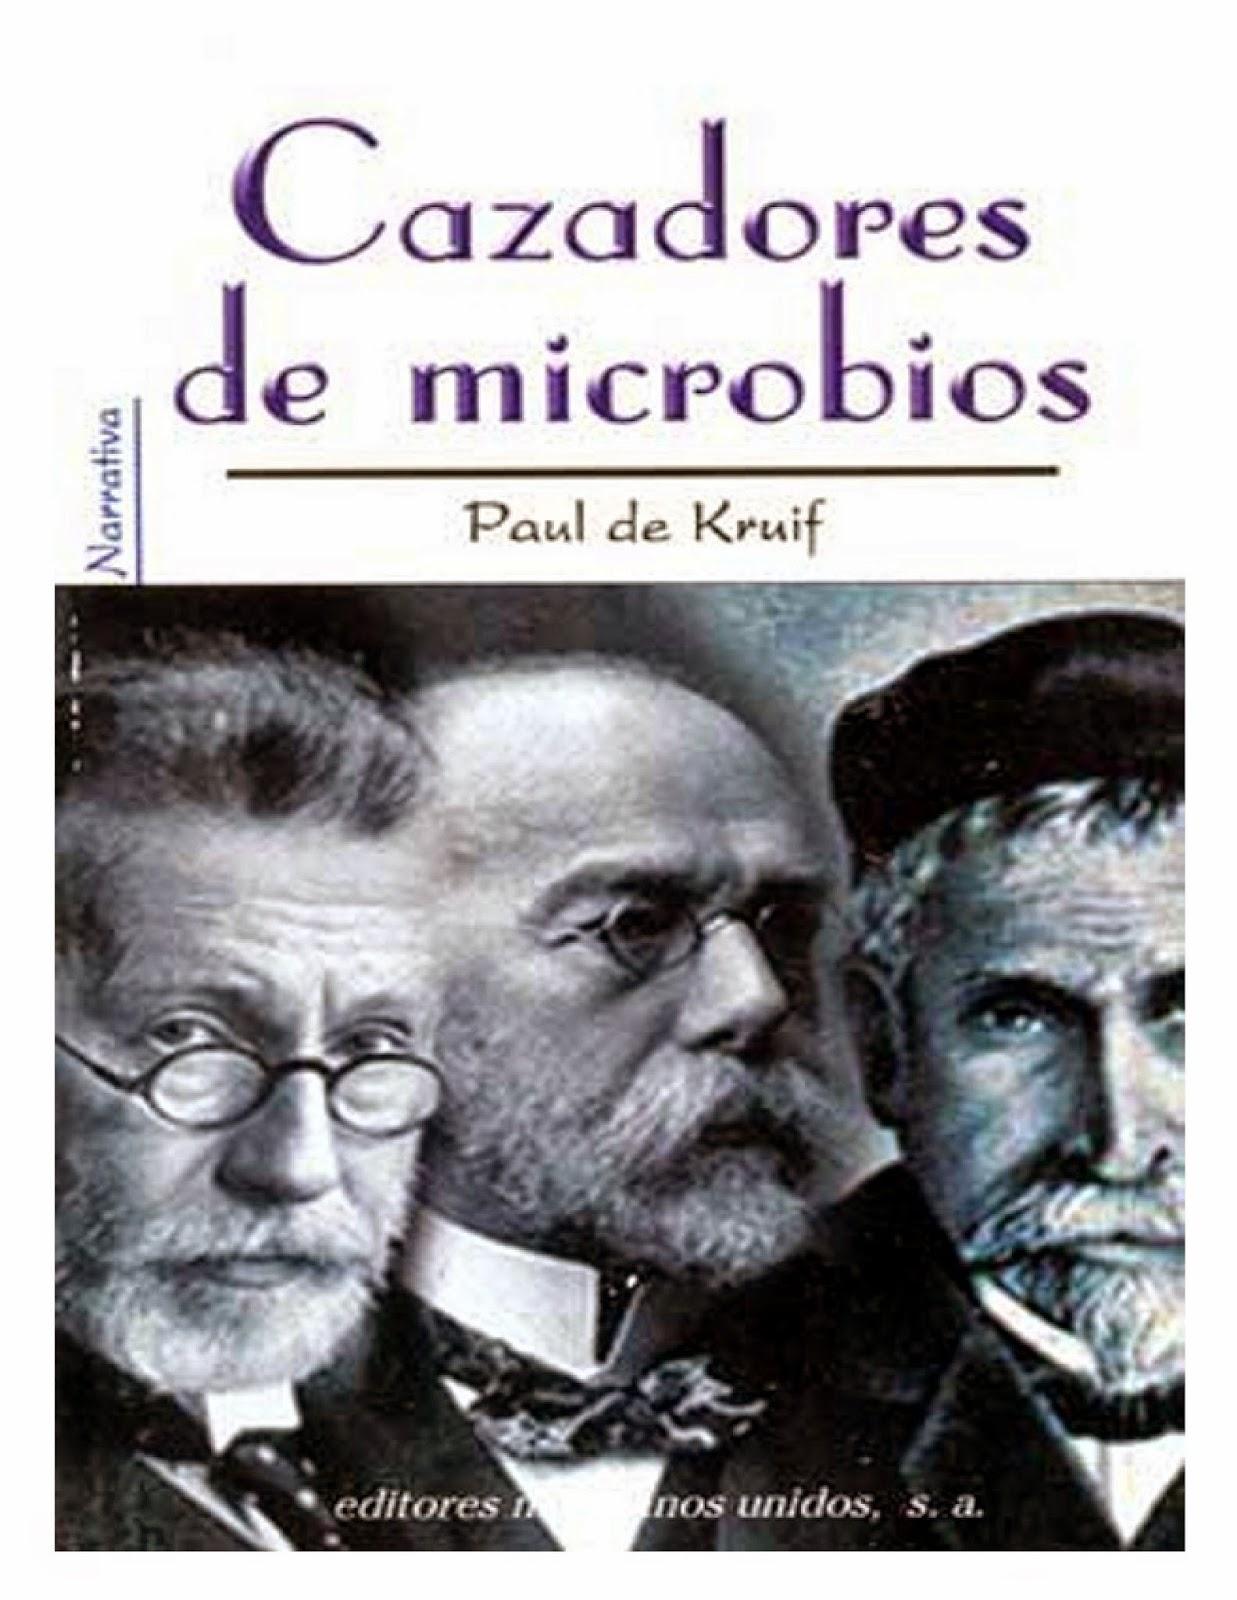 Cazadores de microbios – Paul de Kruif